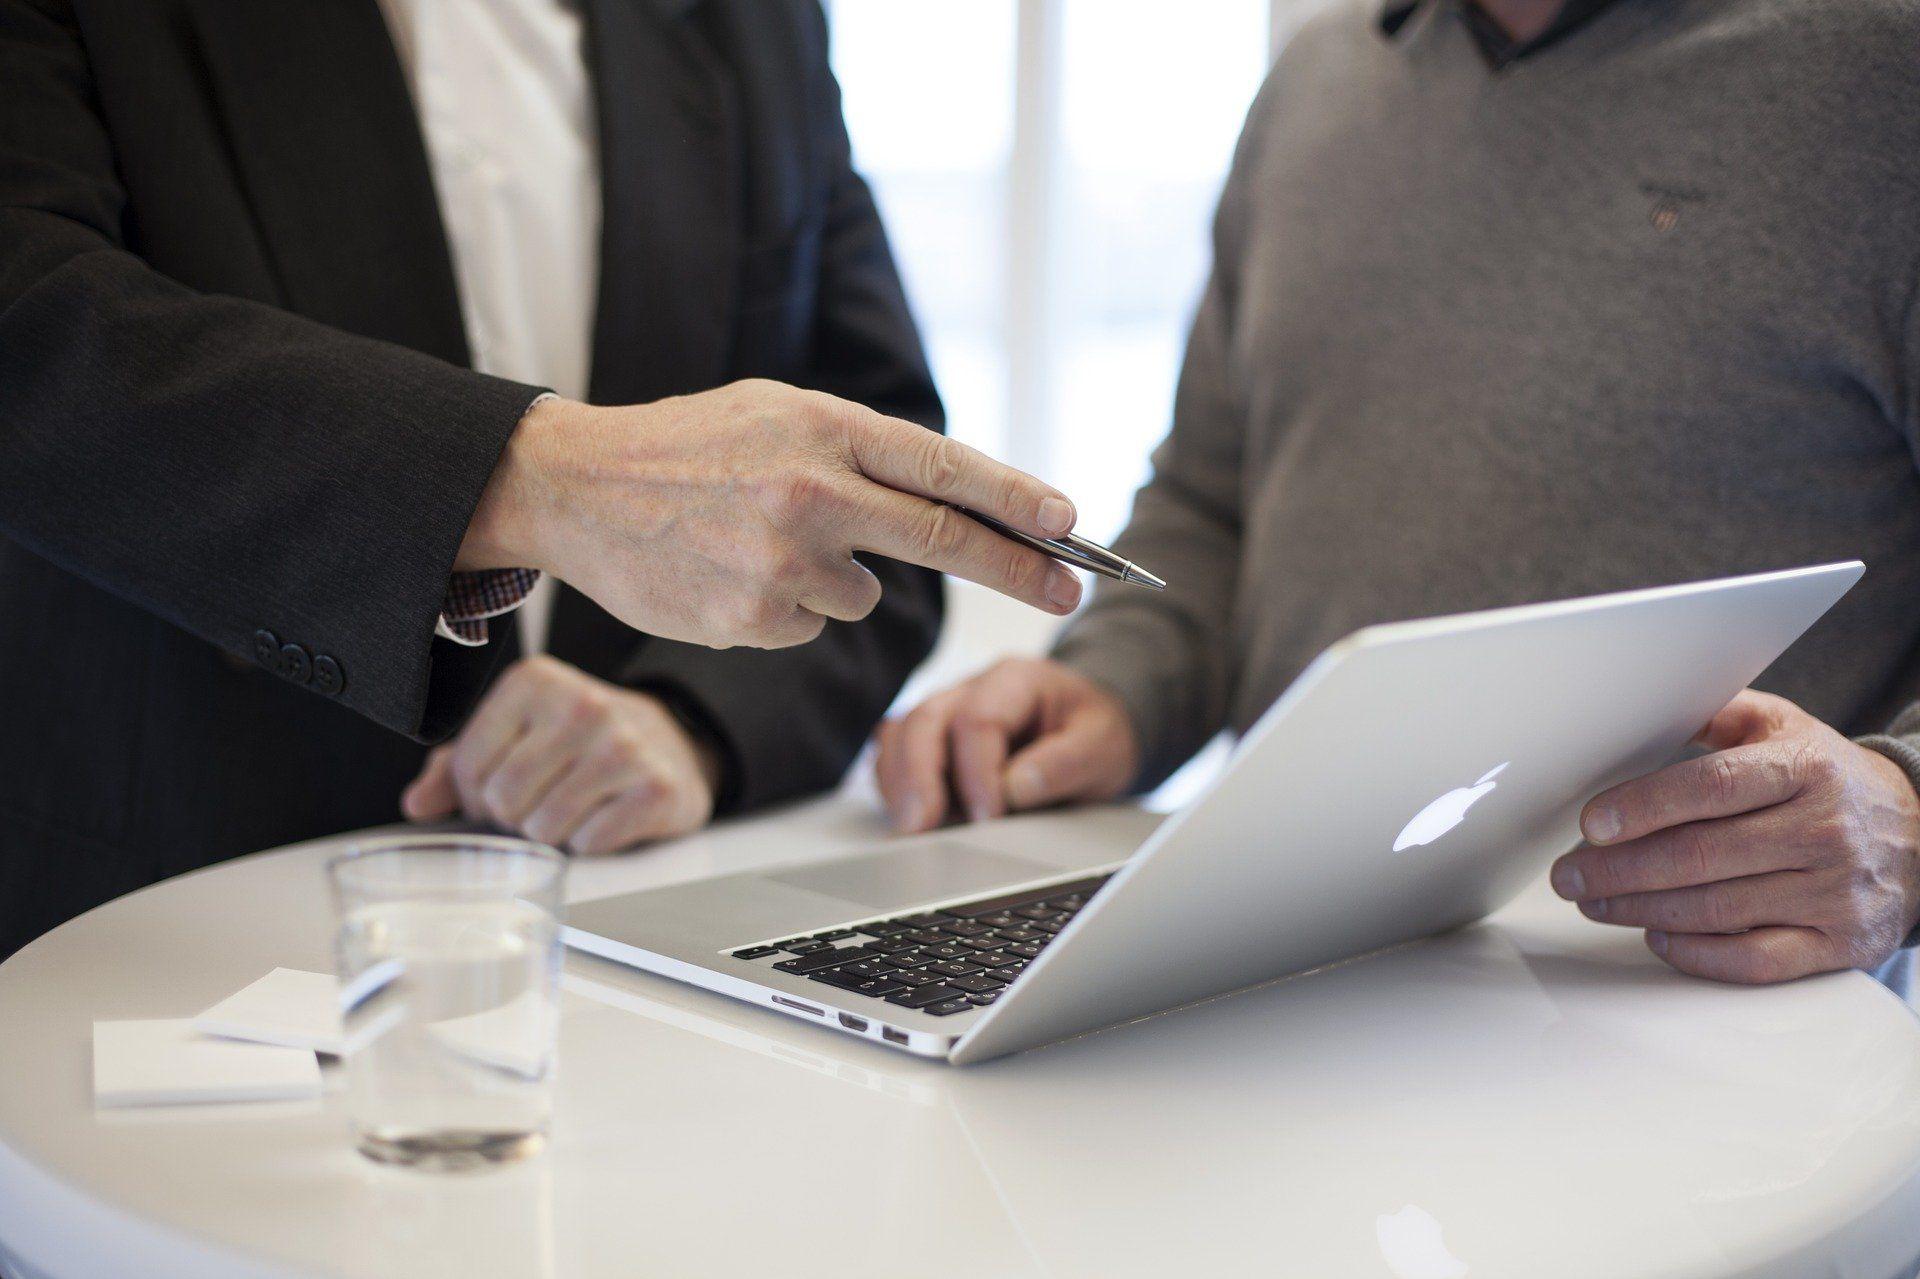 Кредиты малому бизнесу недоступны. Как работать?